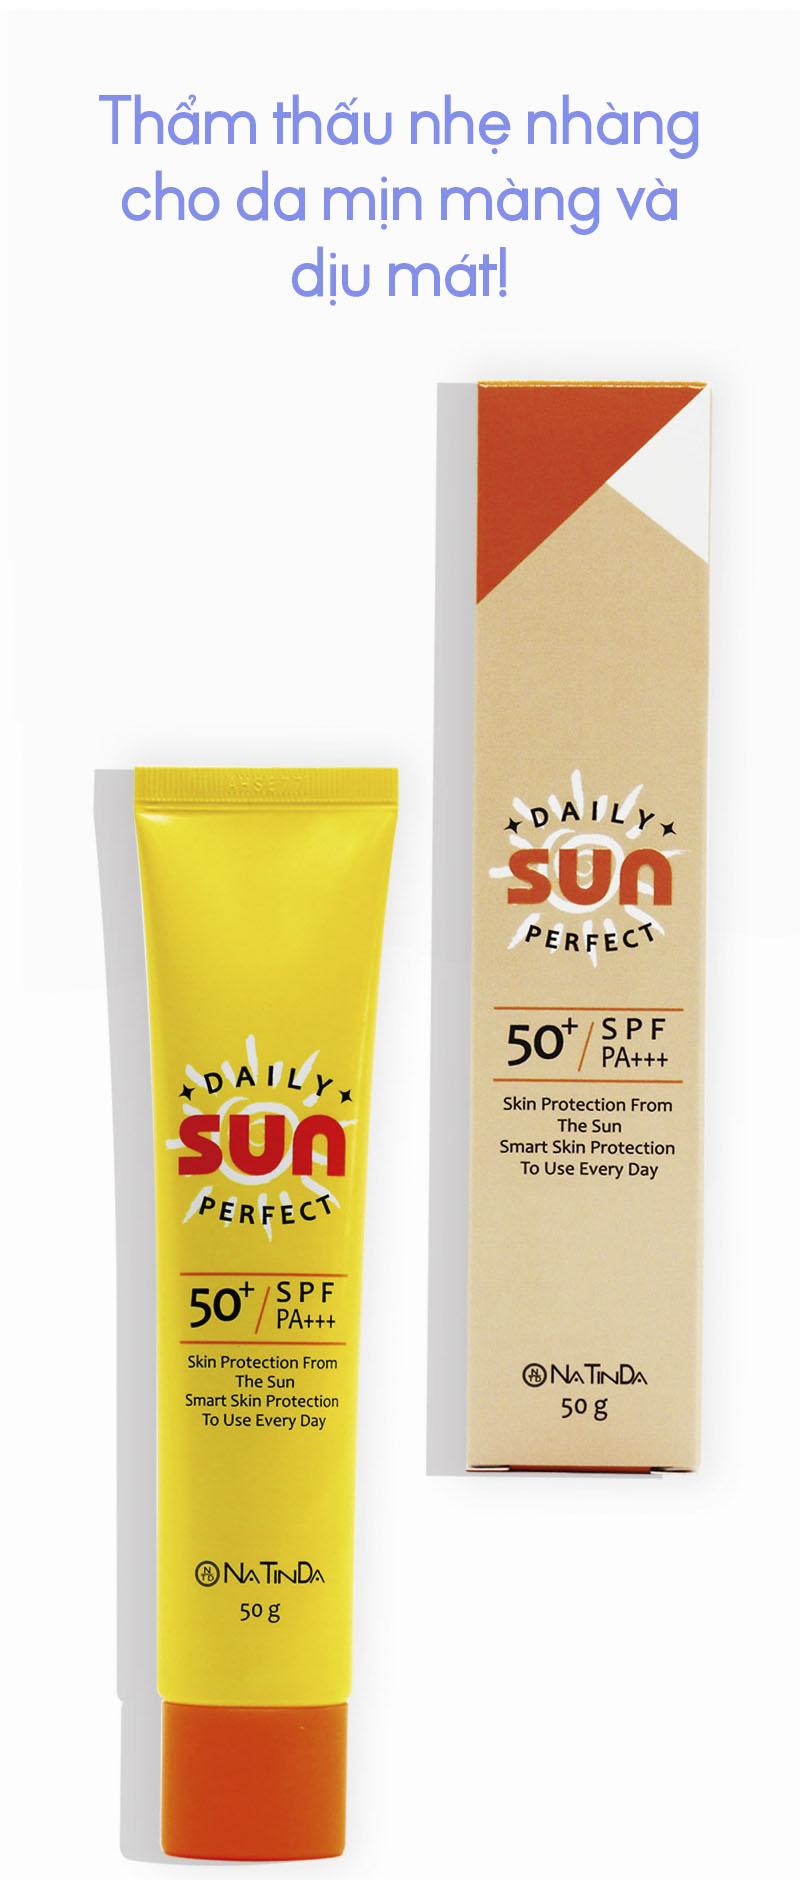 Kem Chống Nắng UVA+ UVB SPF50+PA+++ Natinda Daily Perfect Sun Cream